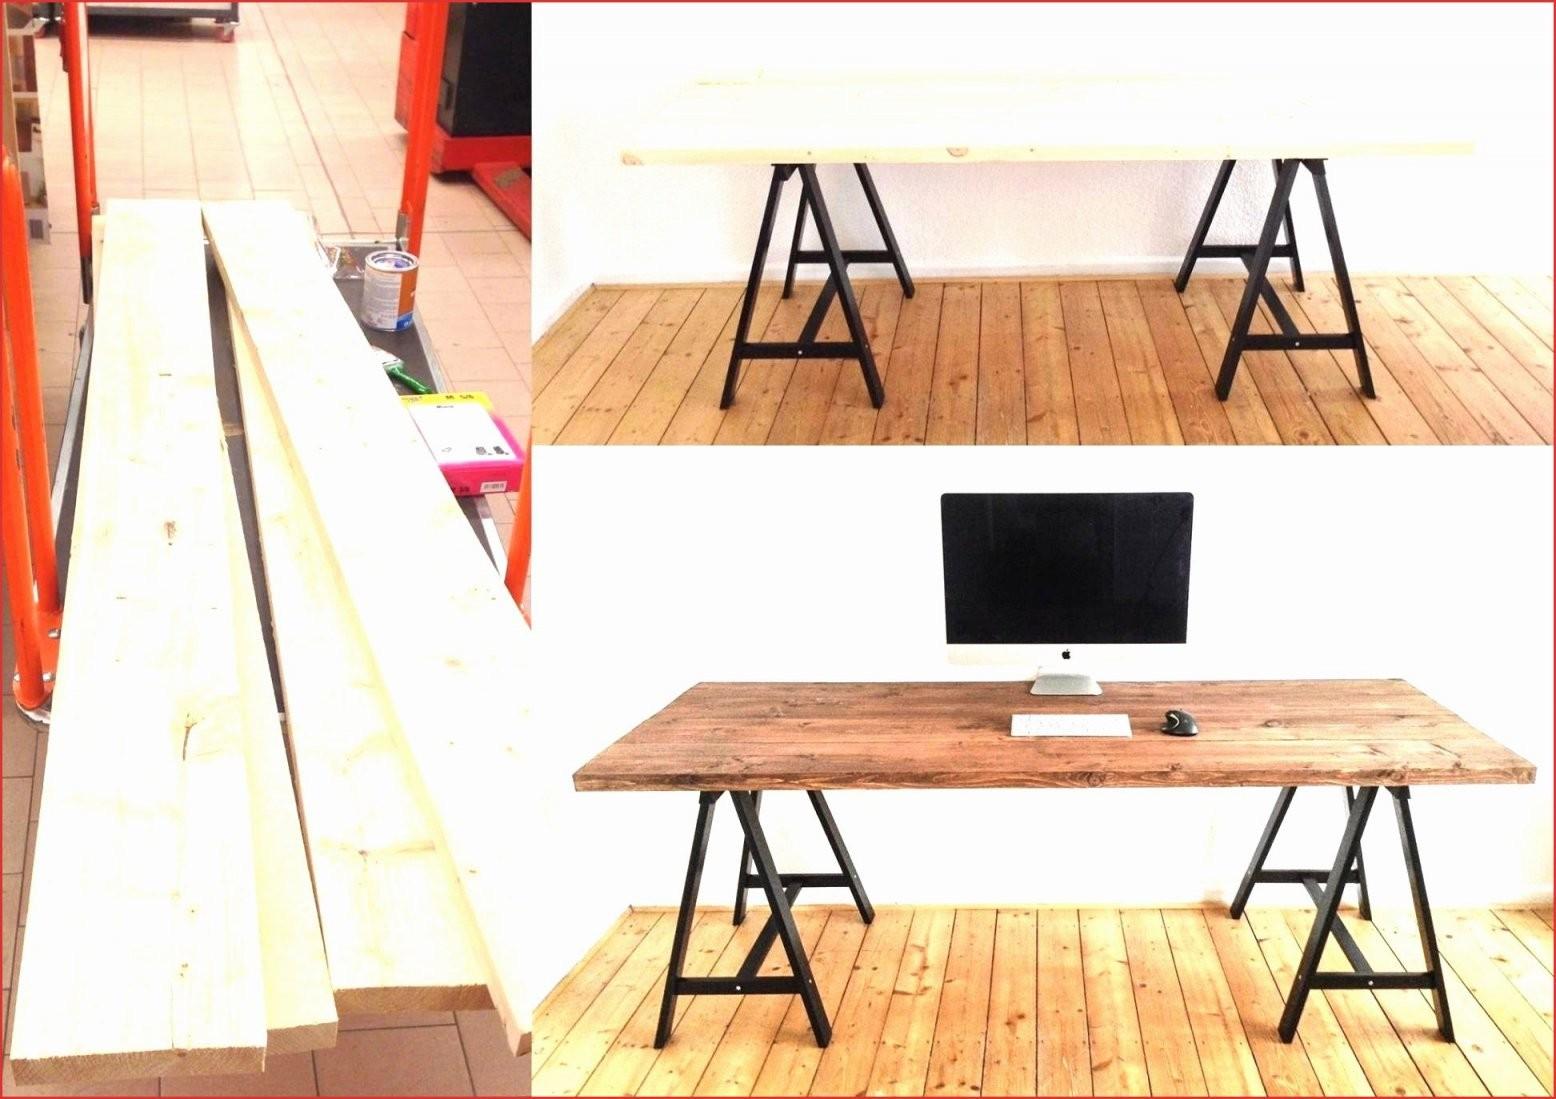 Höhenverstellbarer Schreibtisch Selber Bauen Frisch Wohnzimmertisch von Höhenverstellbarer Schreibtisch Selber Bauen Bild